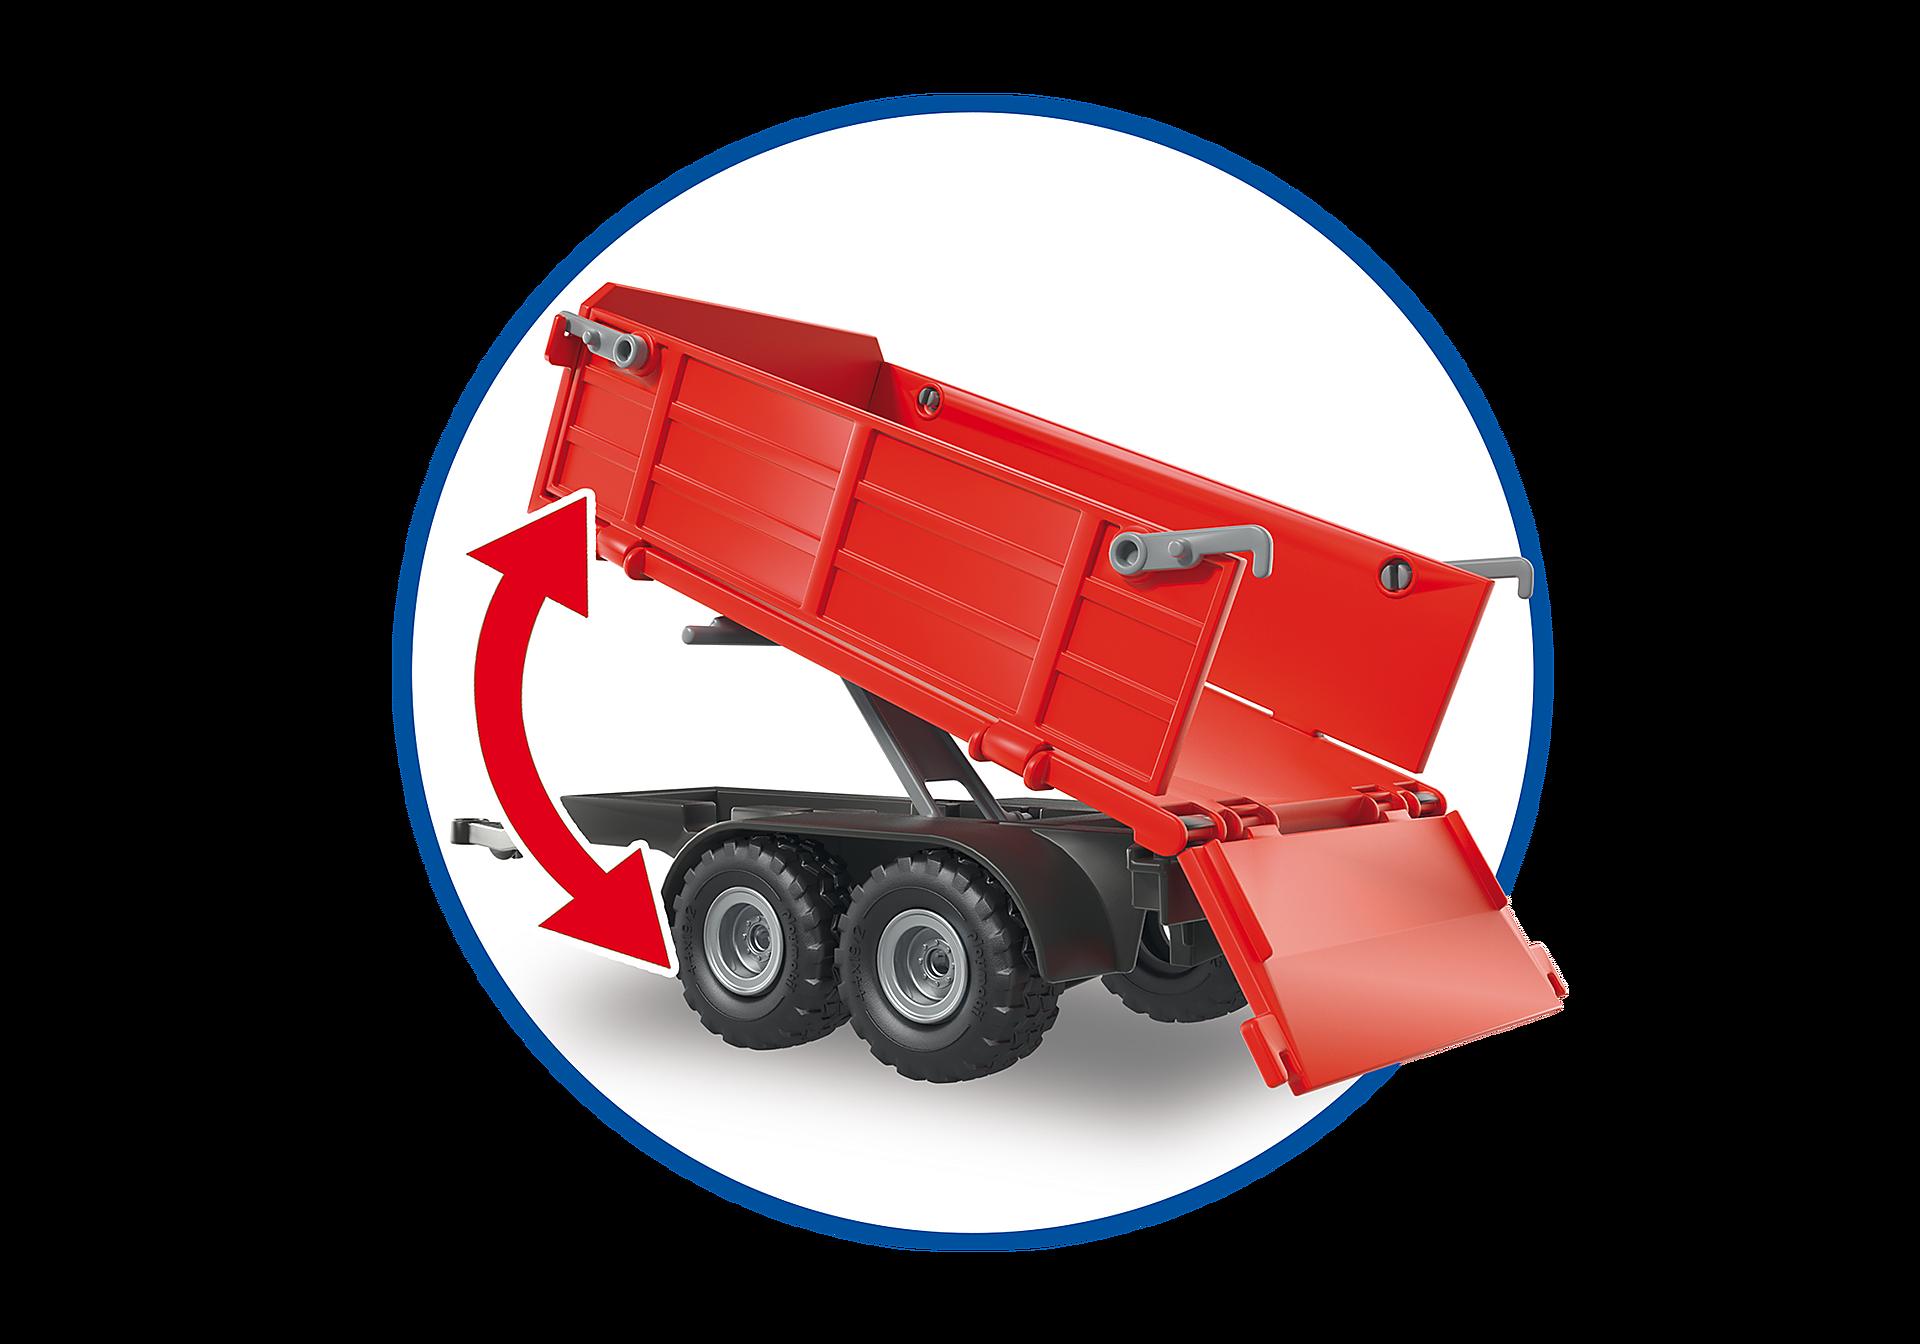 http://media.playmobil.com/i/playmobil/6130_product_extra4/Stor traktor med släp